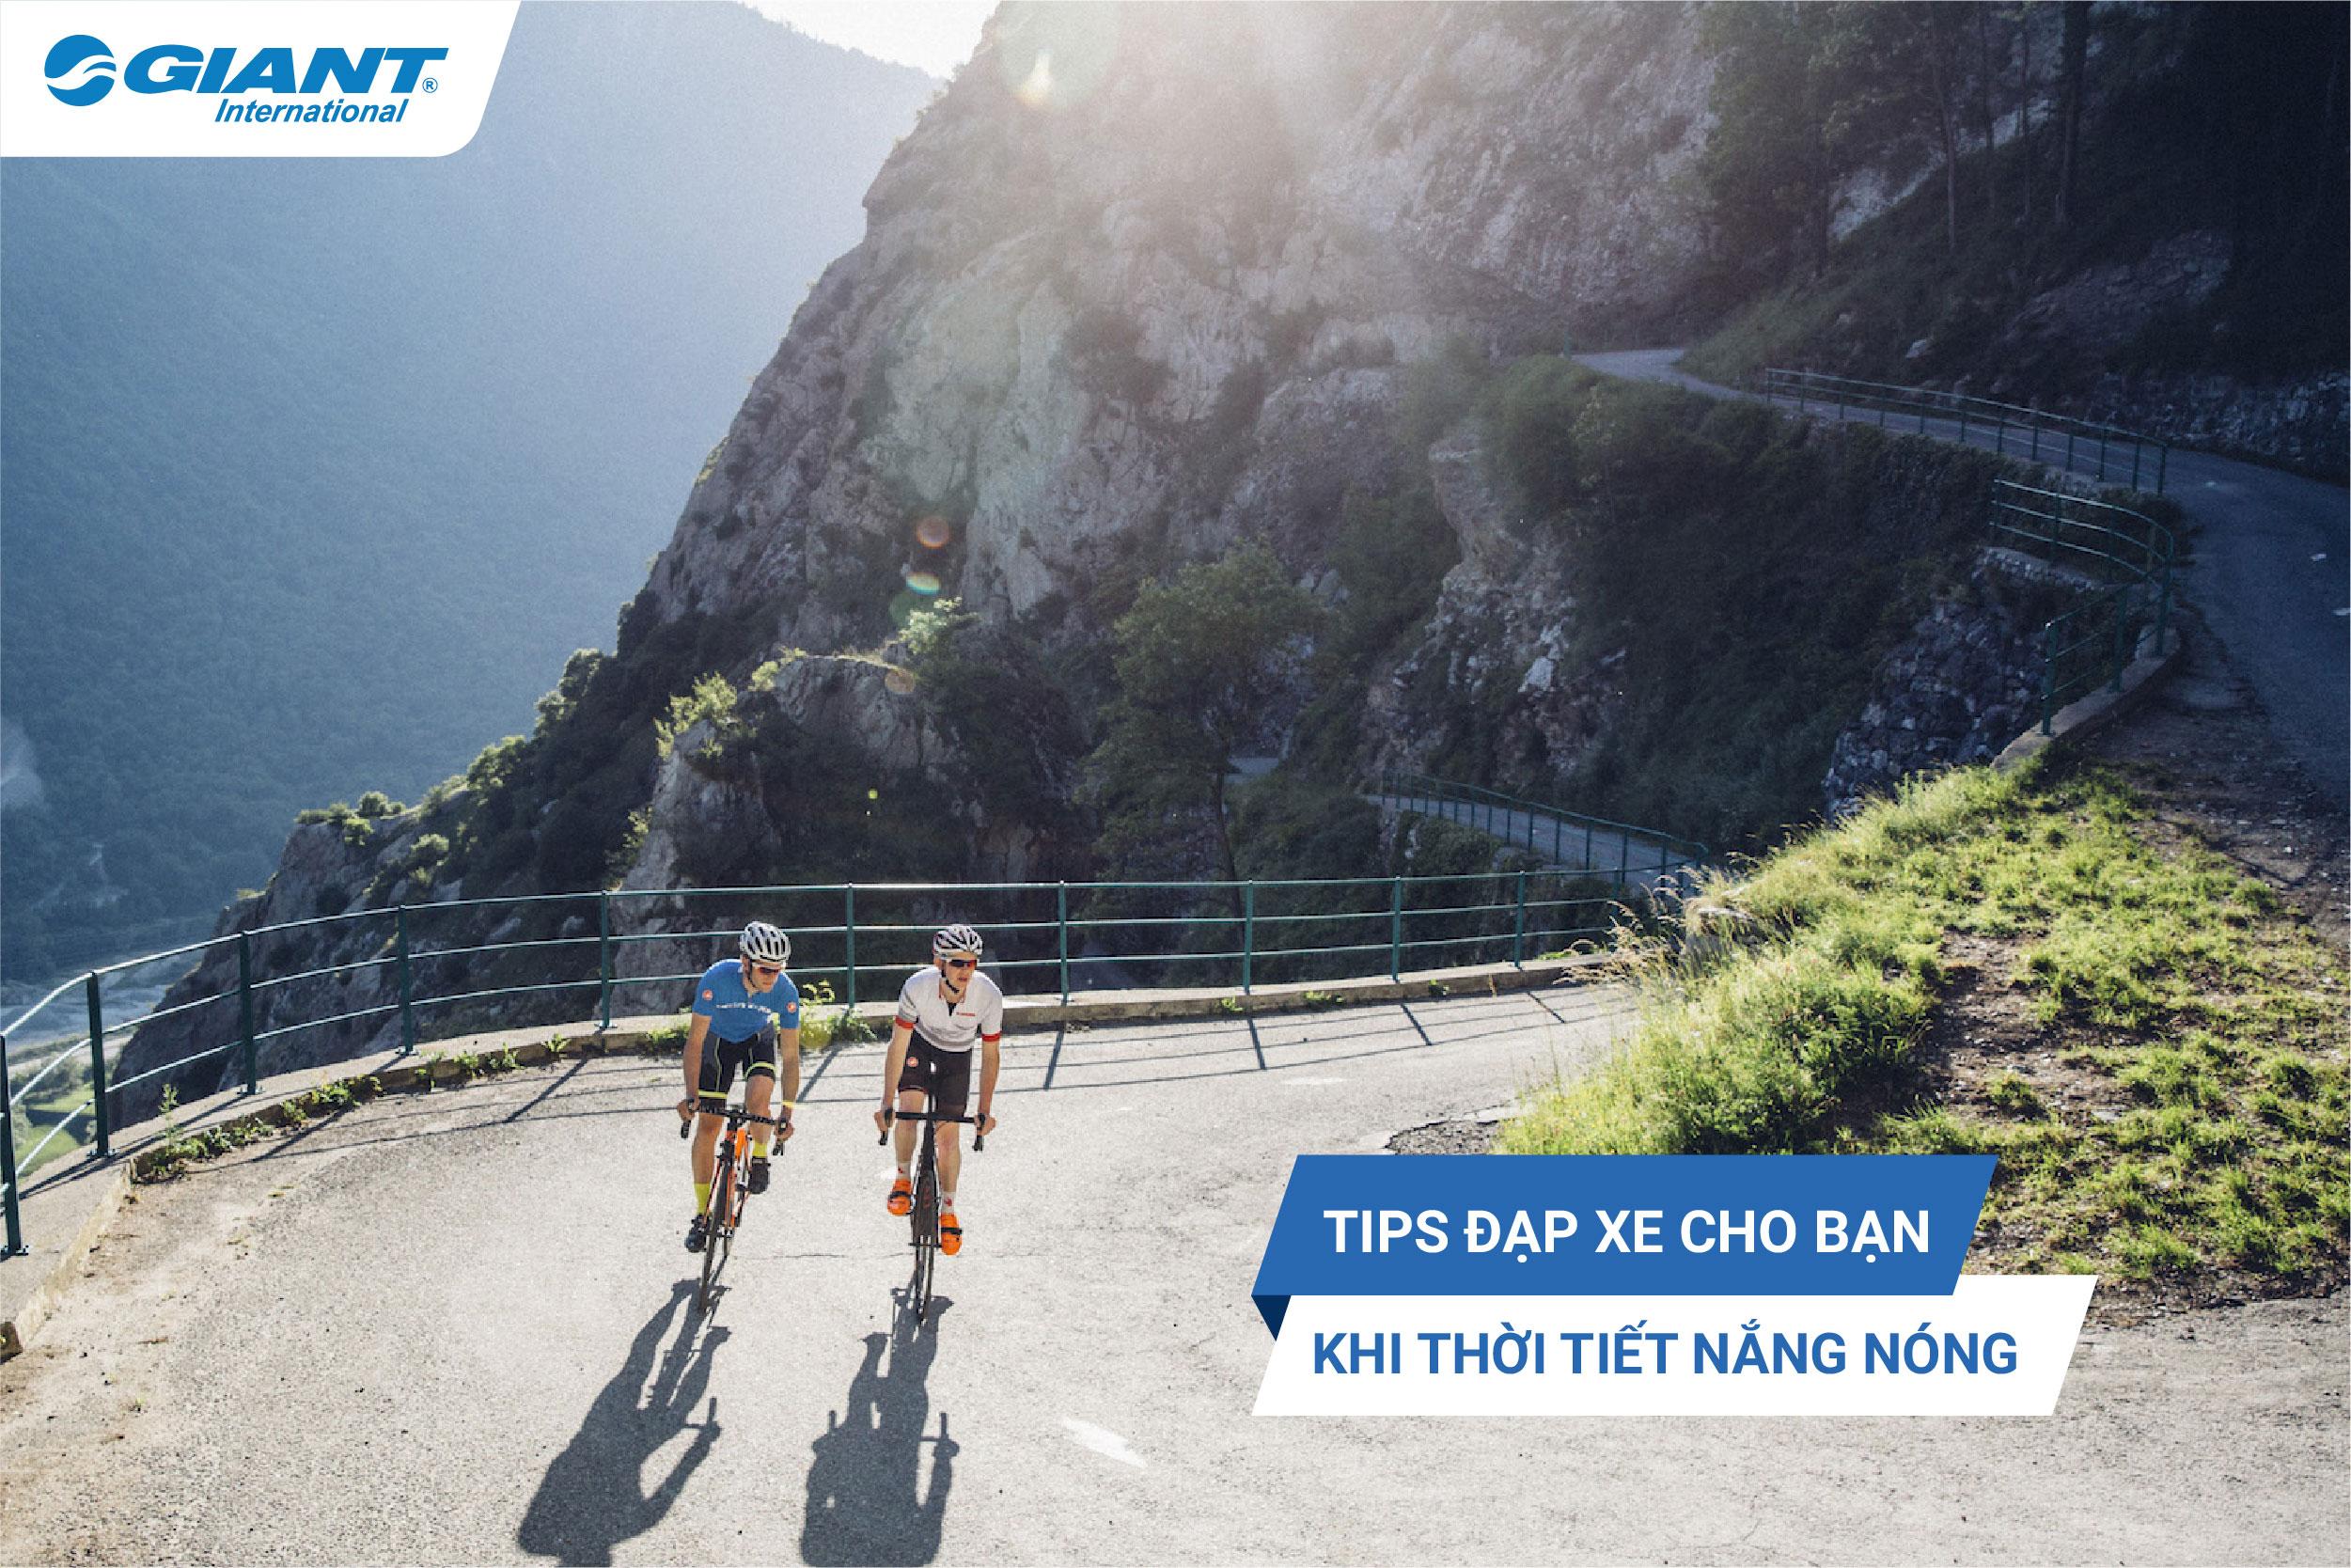 Tips cho bạn khi đạp xe vào thời tiết nóng